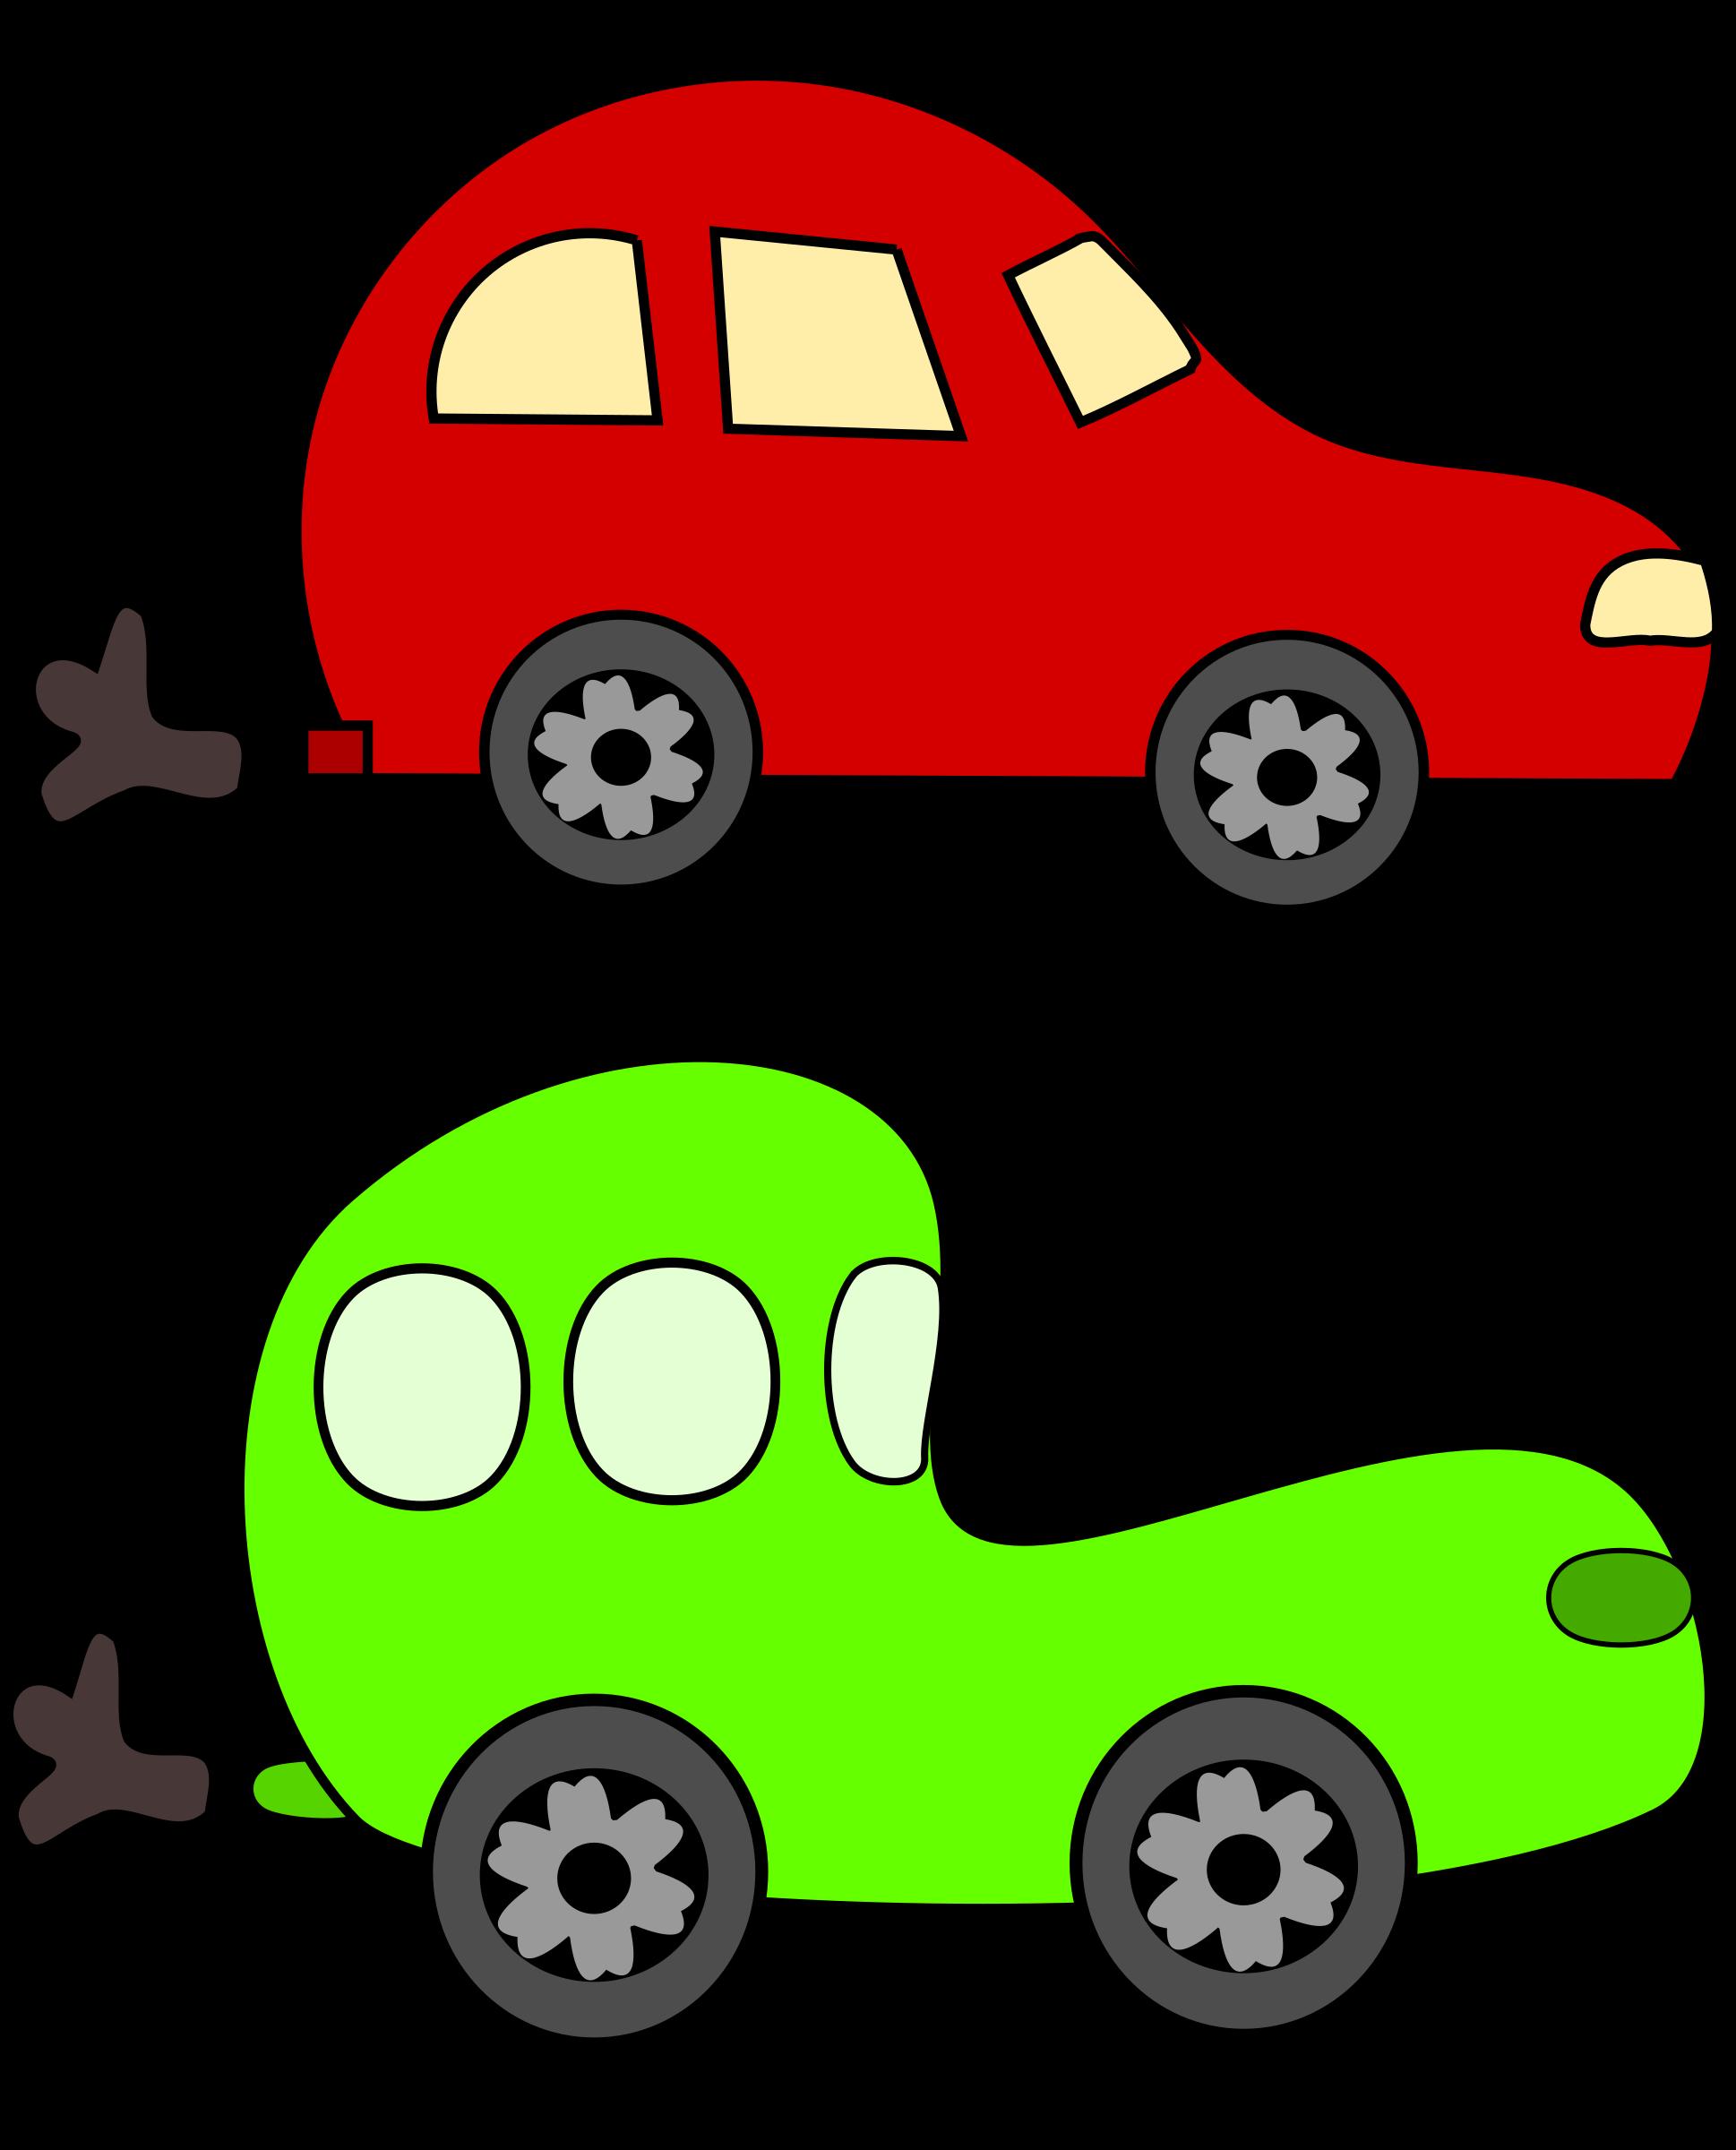 Car Cartoon Images.